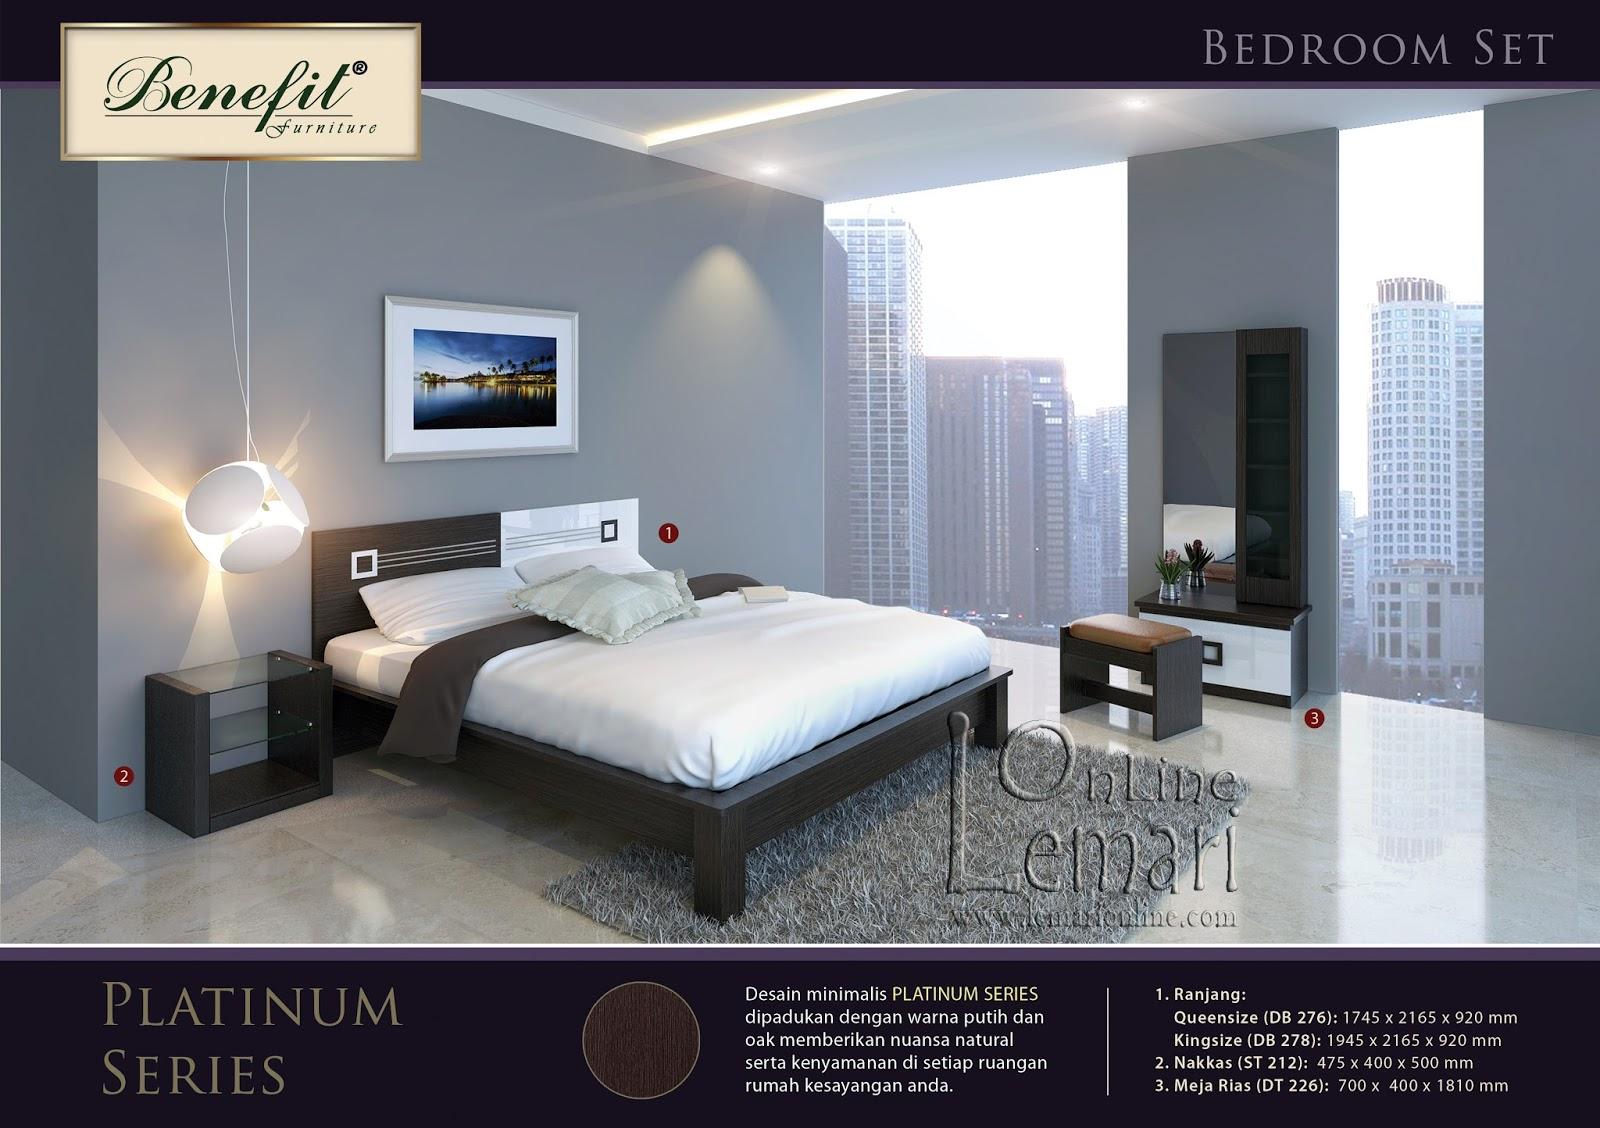 Design minimalis sangat cocok untuk apartemet kesayangan anda